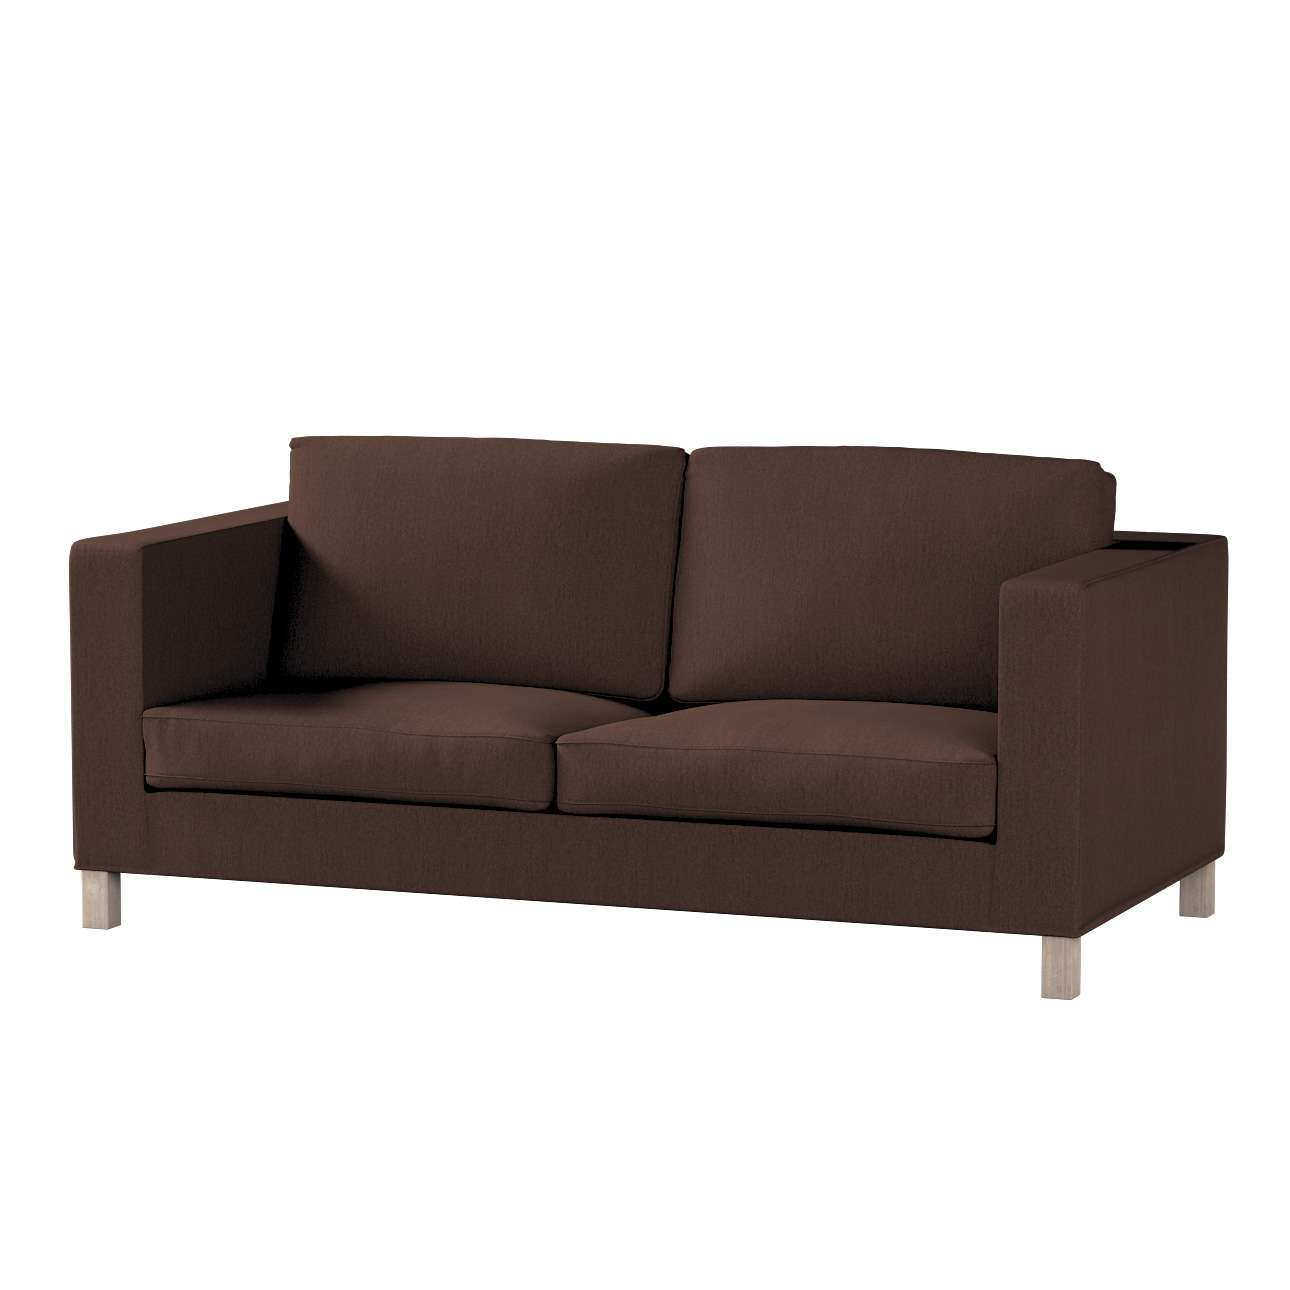 Pokrowiec na sofę Karlanda rozkładaną, krótki Sofa Karlanda rozkładana w kolekcji Chenille, tkanina: 702-18